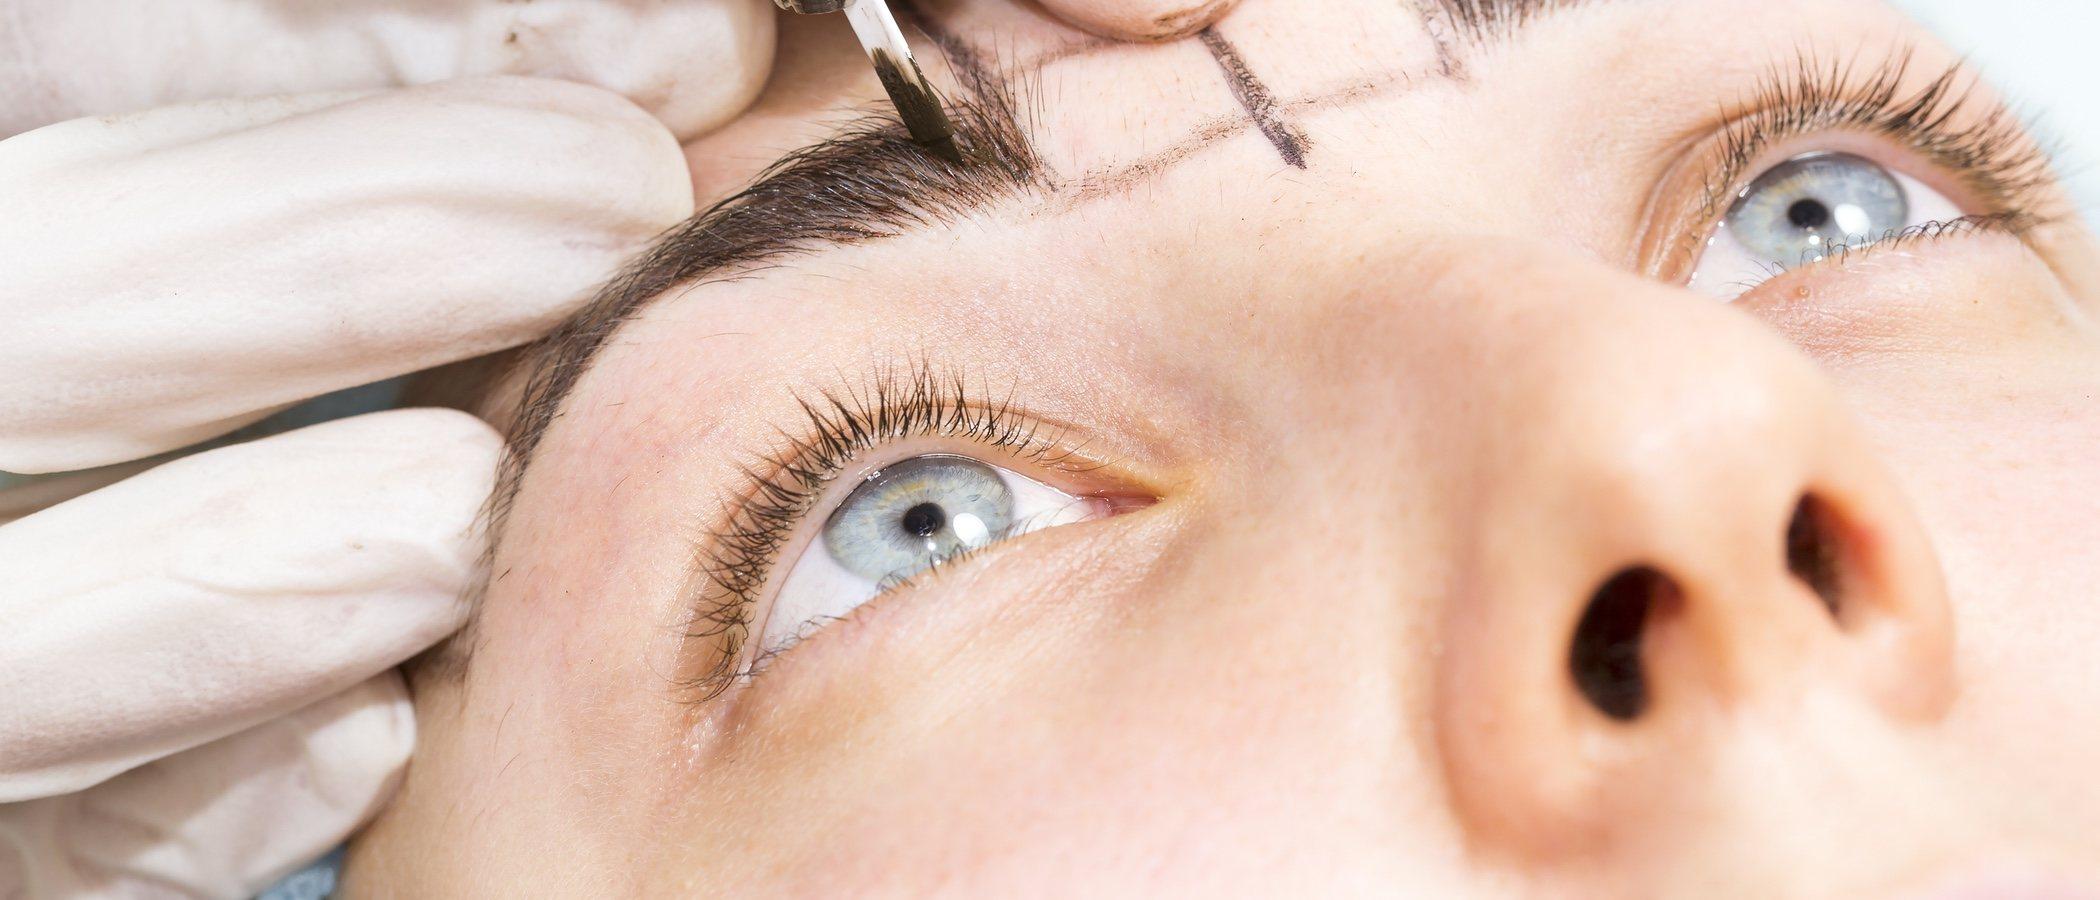 Cómo maquillarse las cejas con lápiz delineador